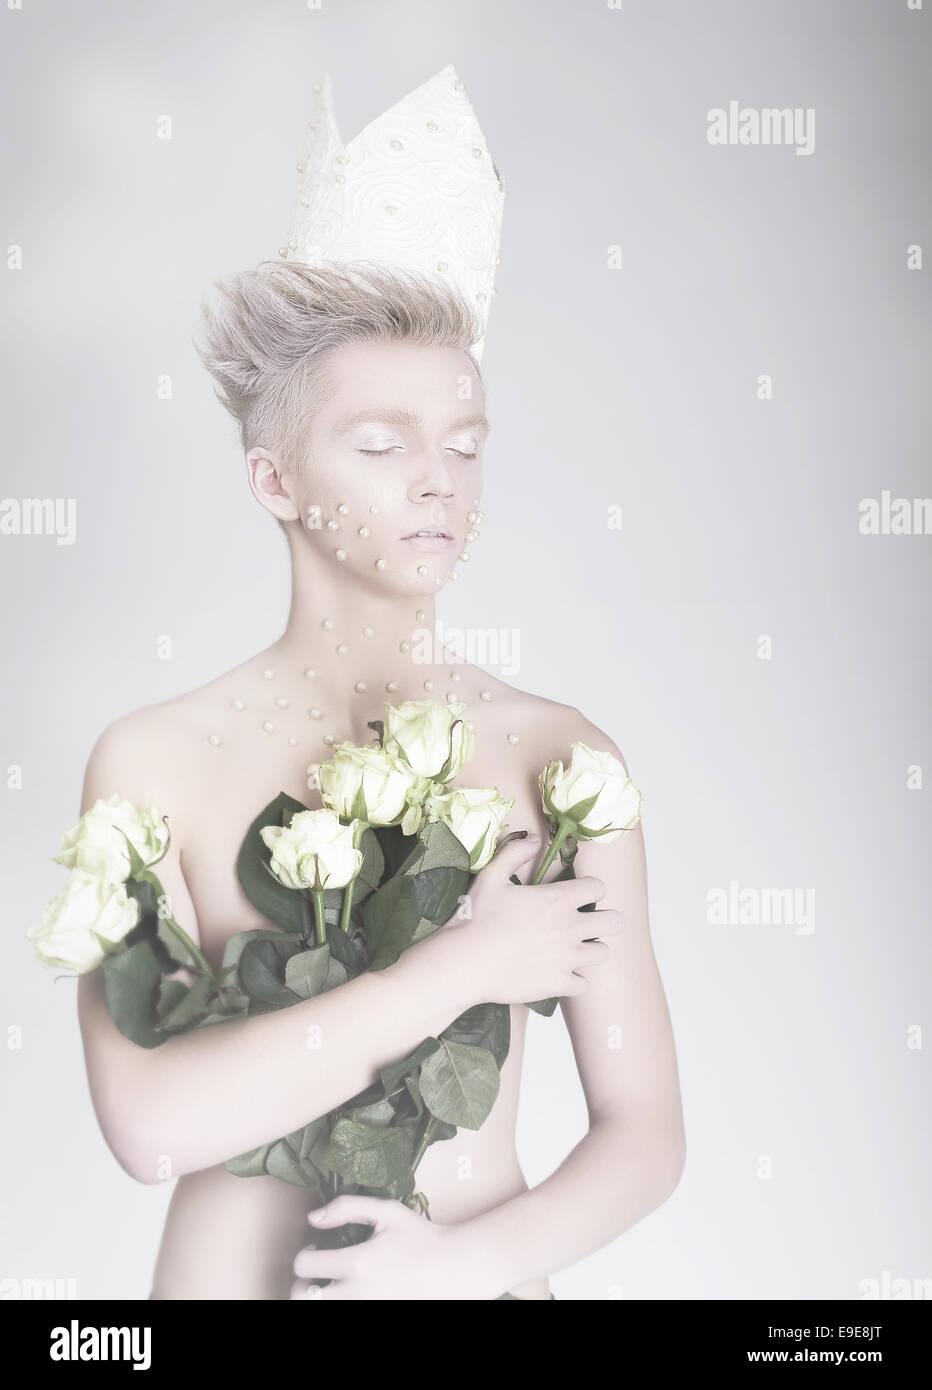 Le talent artistique. Jeune homme à la mode dans la couronne de fleurs en papier Photo Stock